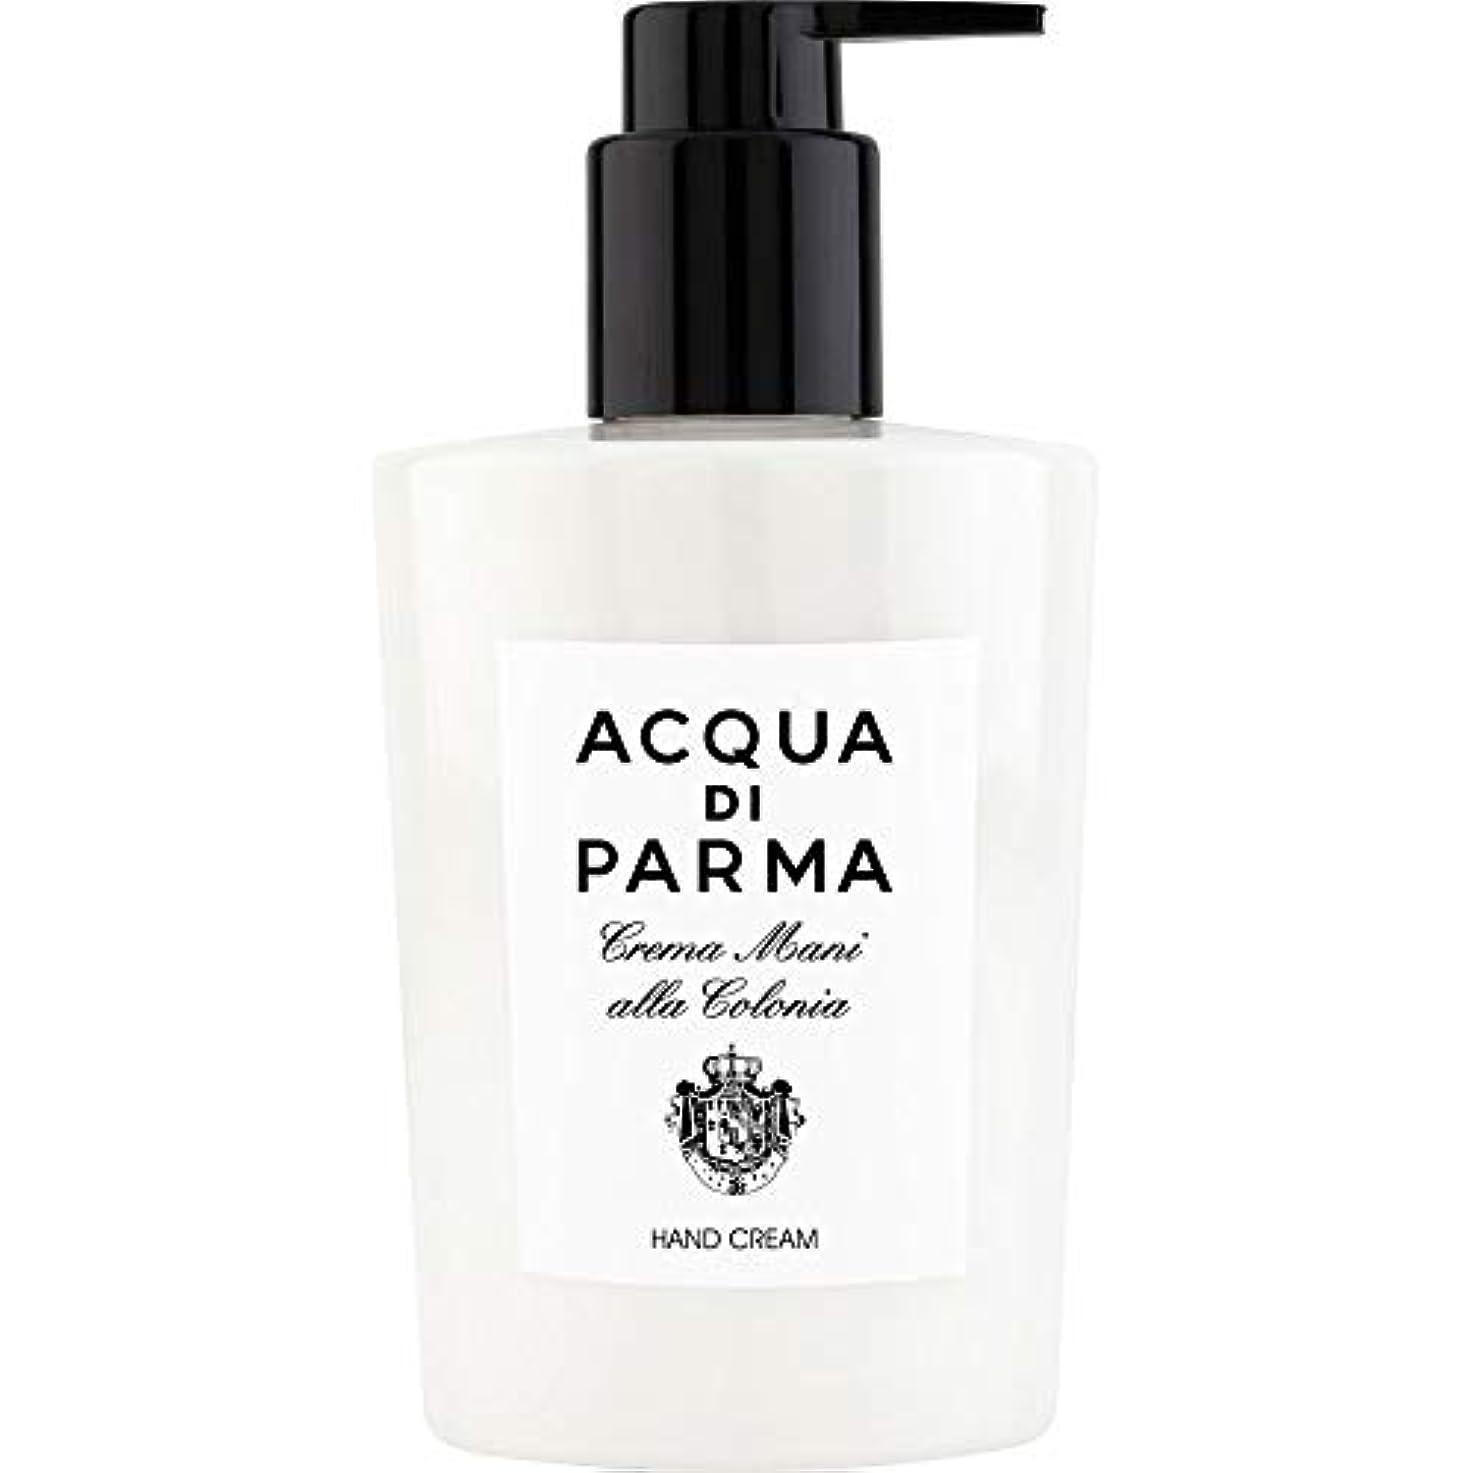 置くためにパックそばにマザーランド[Acqua di Parma] アクアディパルマコロニアのハンドクリーム300ミリリットル - Acqua di Parma Colonia Hand Cream 300ml [並行輸入品]